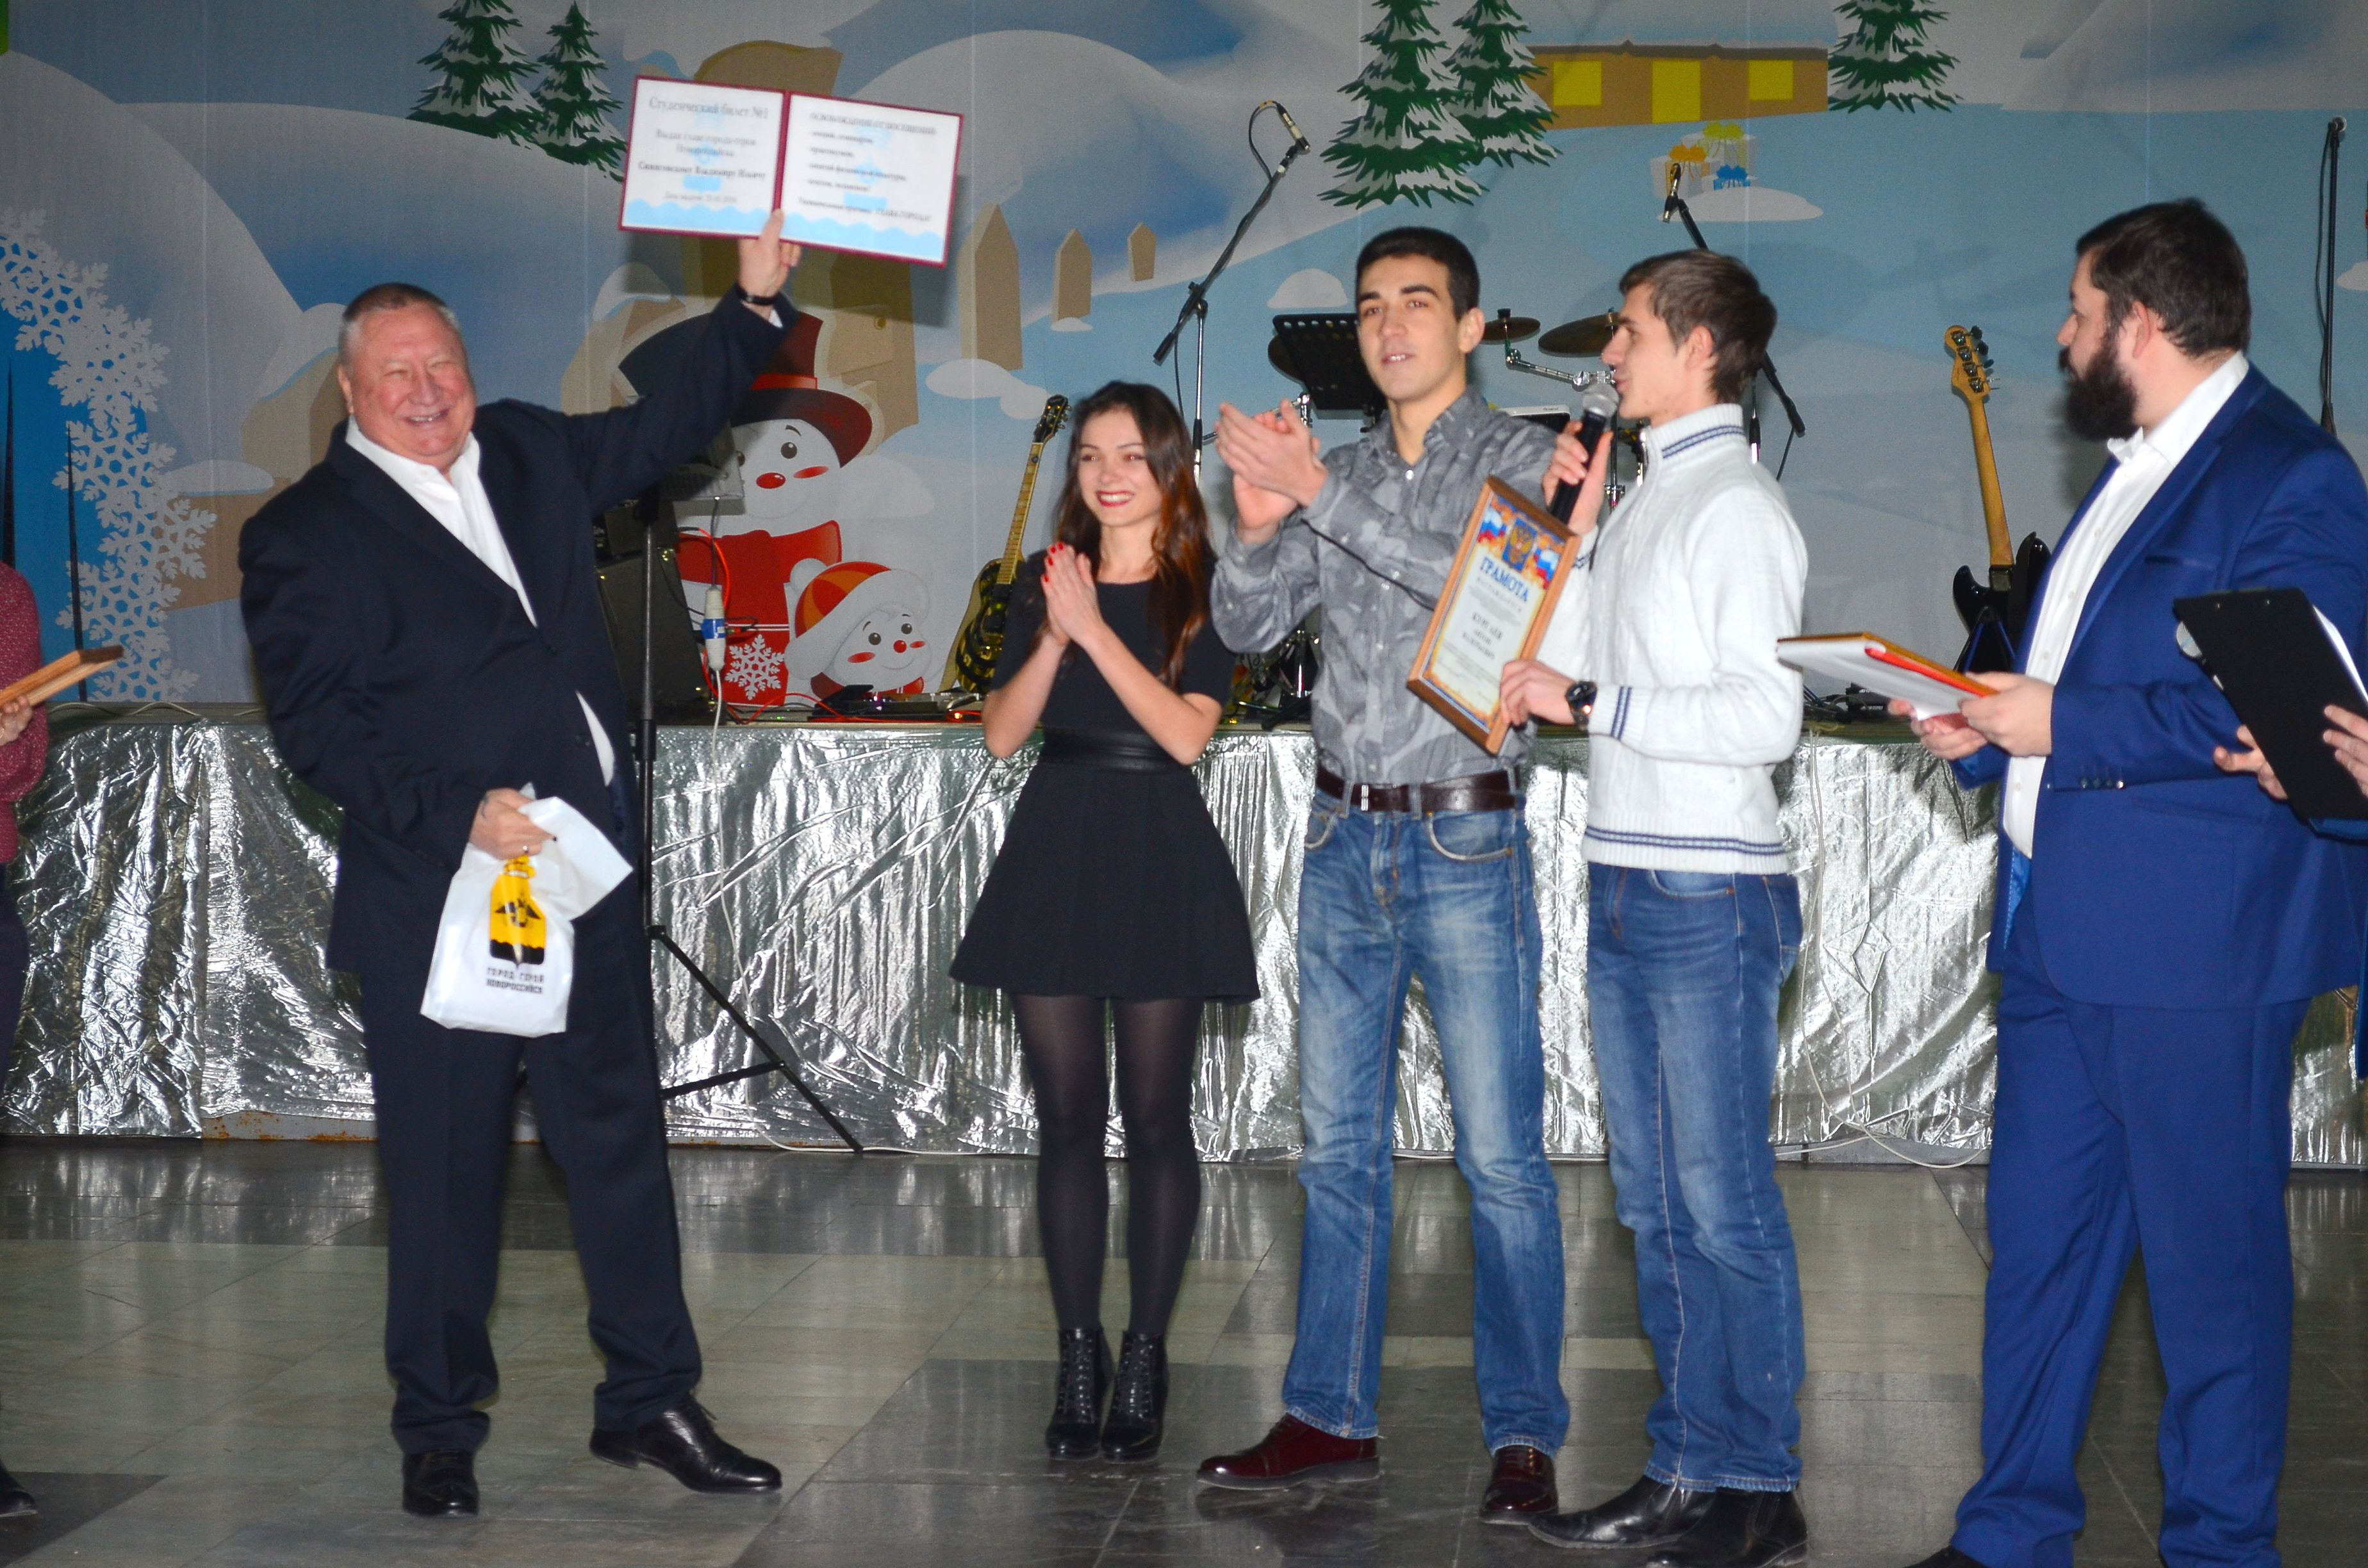 Новороссийские студенты подарили главе города В.И. Синяговскому студенческий билет!